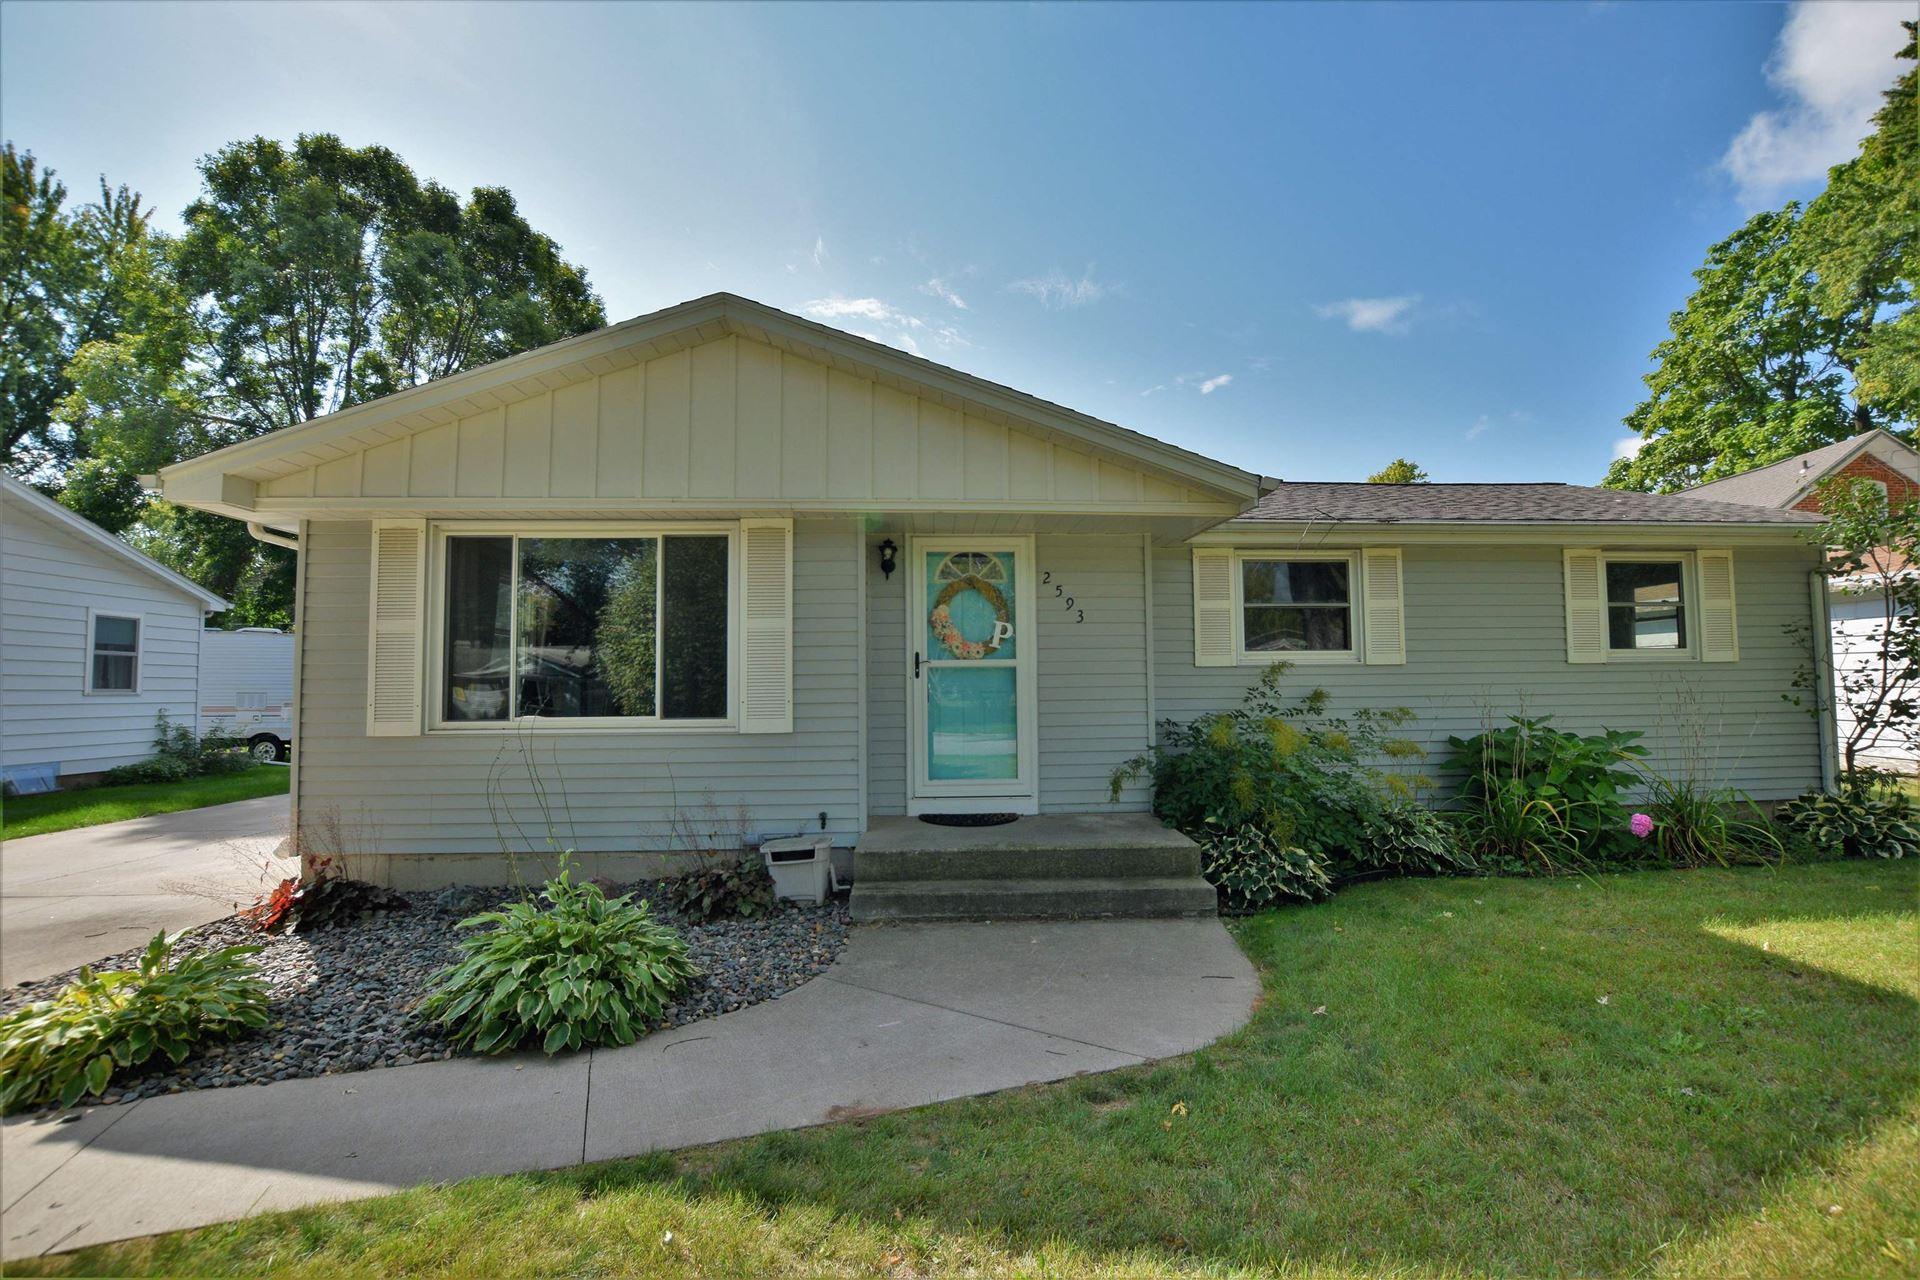 2593 SHADE TREE Lane, Green Bay, WI 54313 - MLS#: 50247916